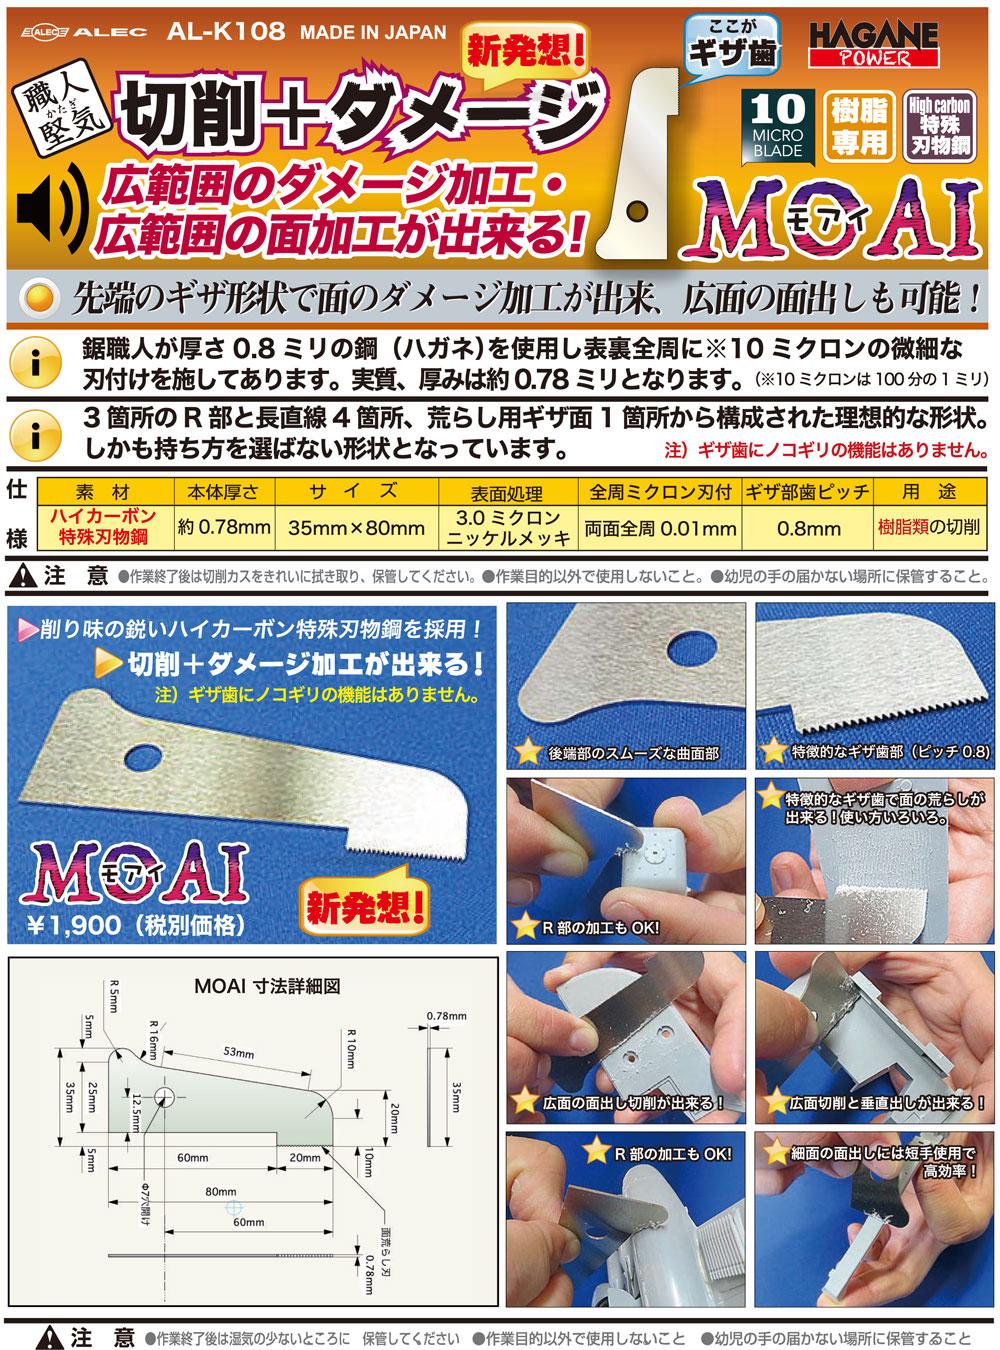 切削 + ダメージツール MOAI (モアイ)ツール(シモムラアレック職人堅気No.AL-K108)商品画像_2